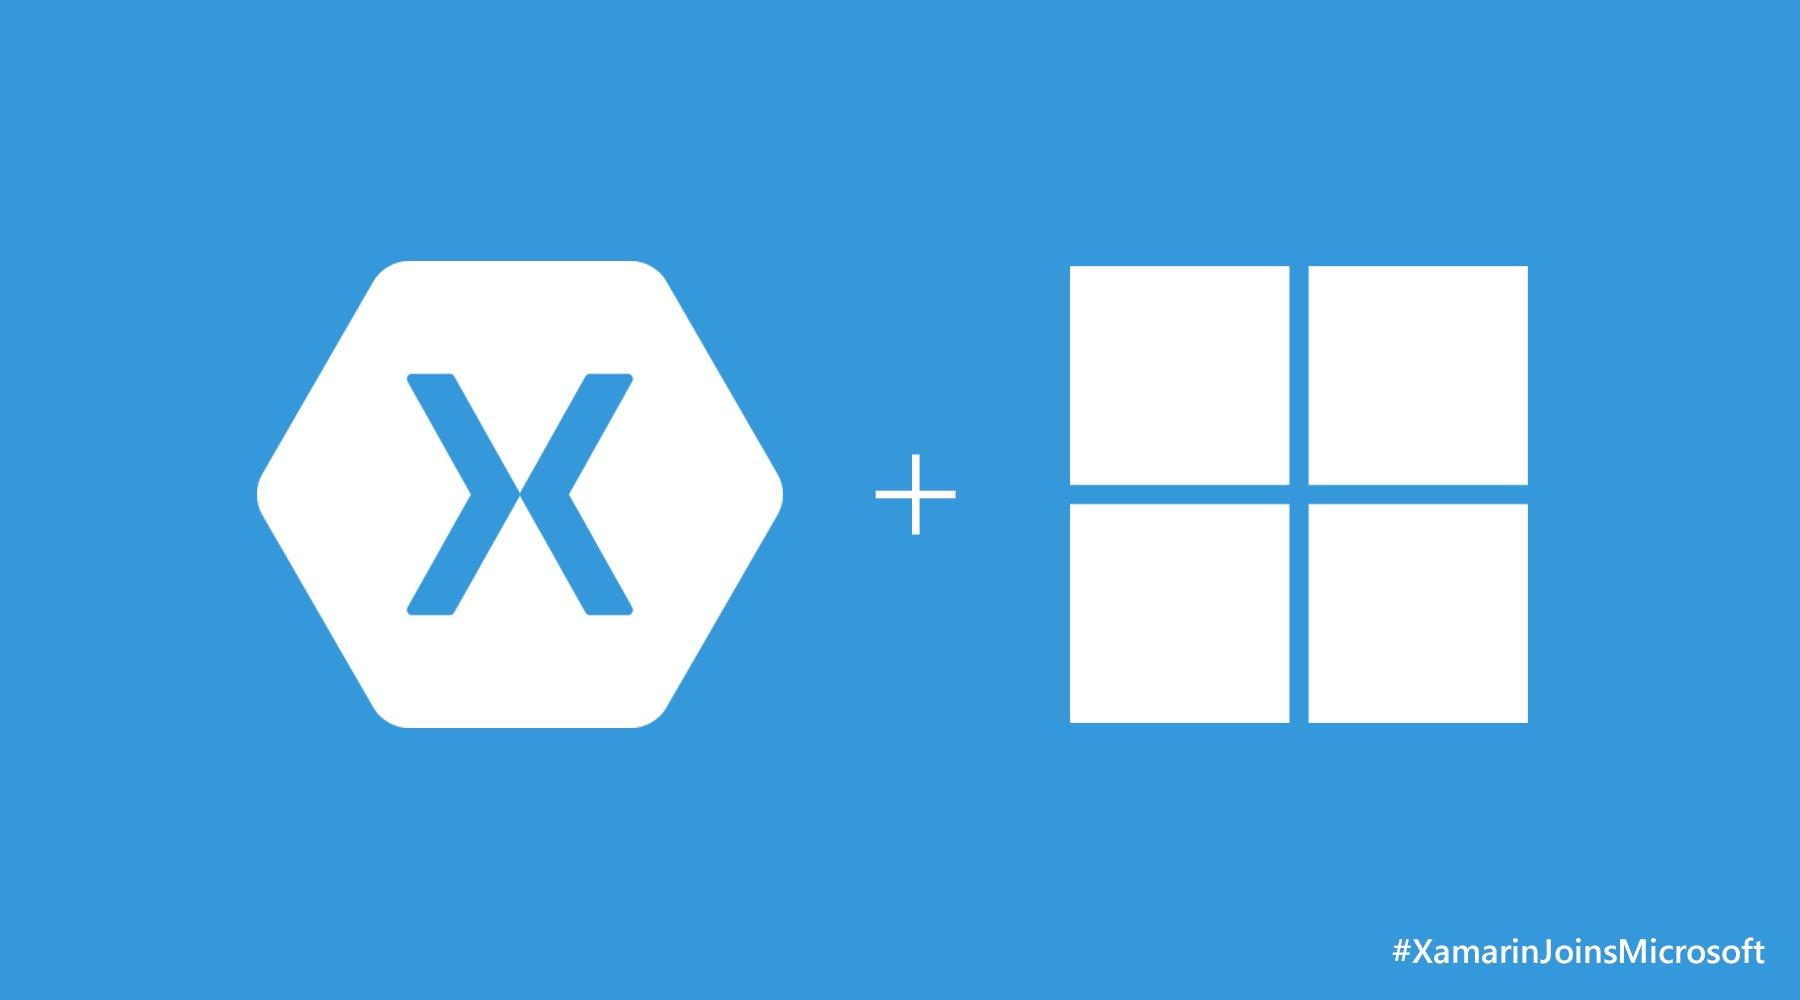 Xamarin-Microsoft